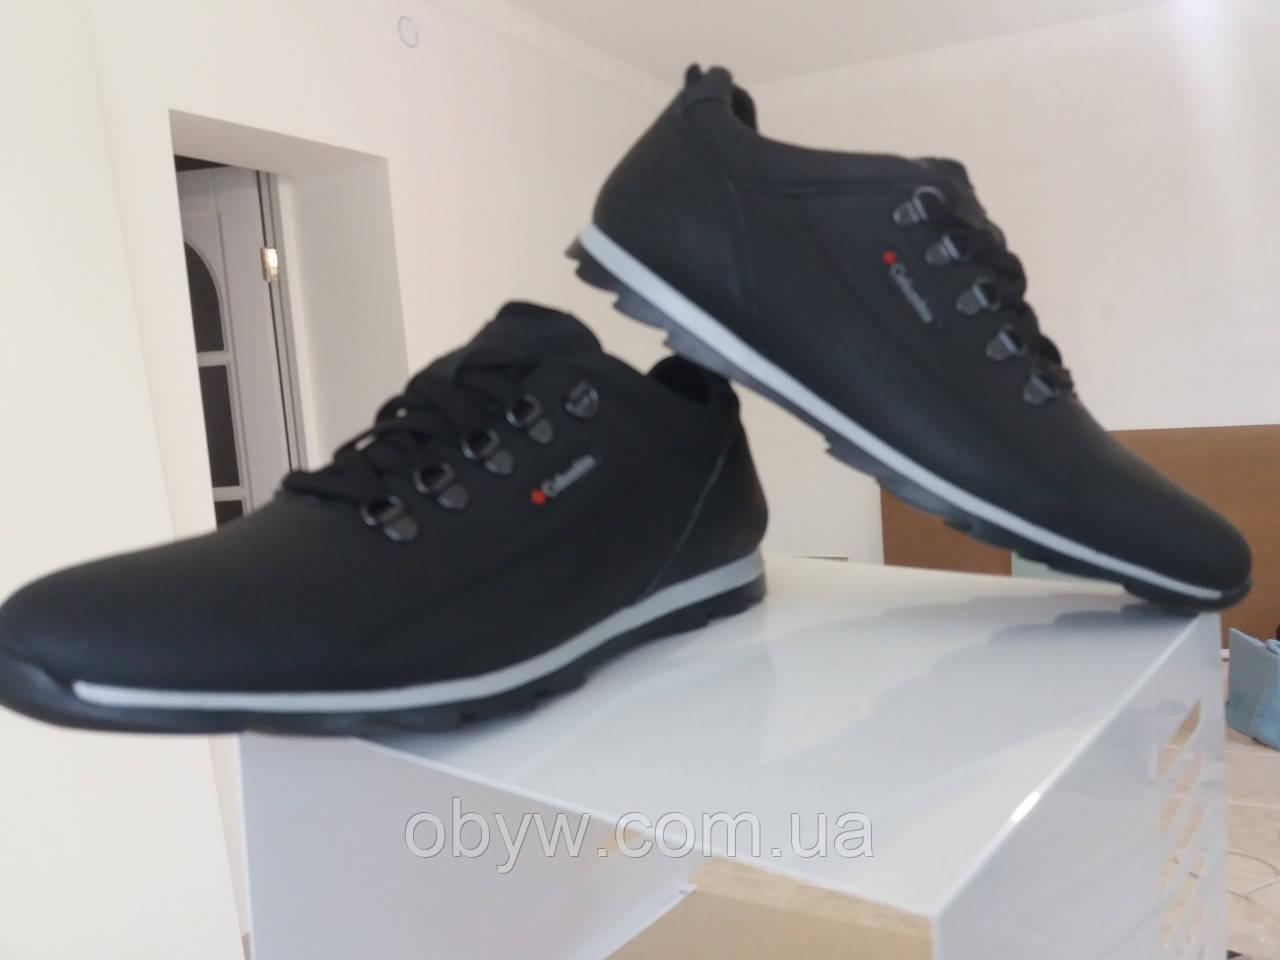 03a7cddcc Весенние кроссовки Cаlаmbia v6: продажа, цена в Днепре. кроссовки ...